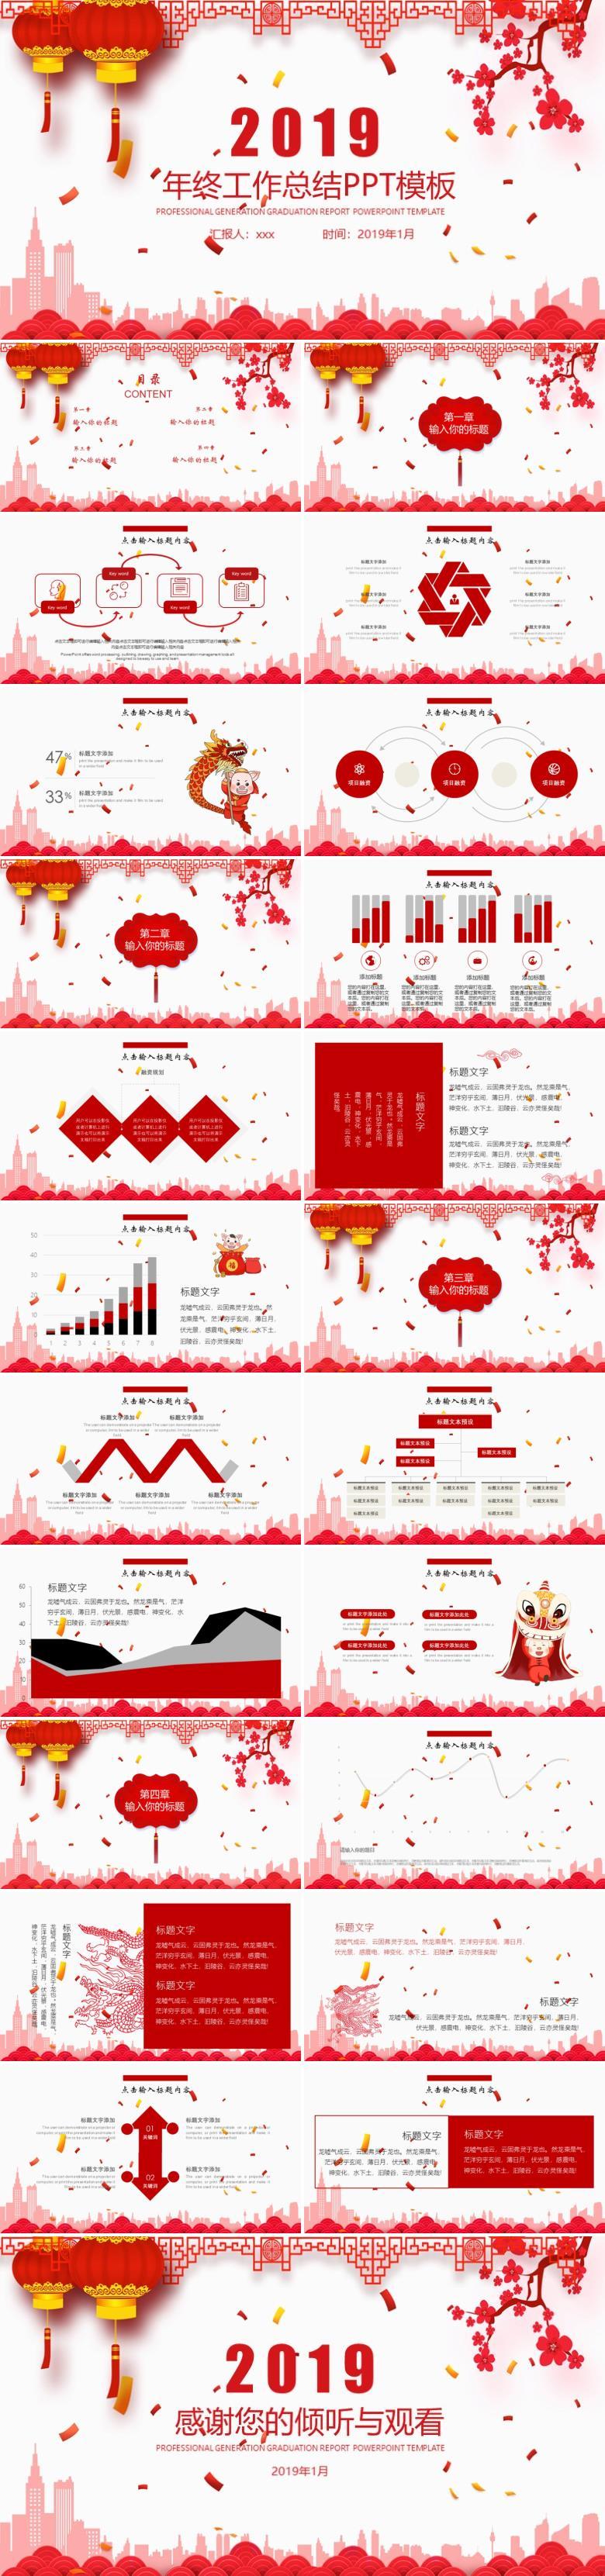 红色喜庆中国风祥云2019年终总结PPT模板_3.jpg